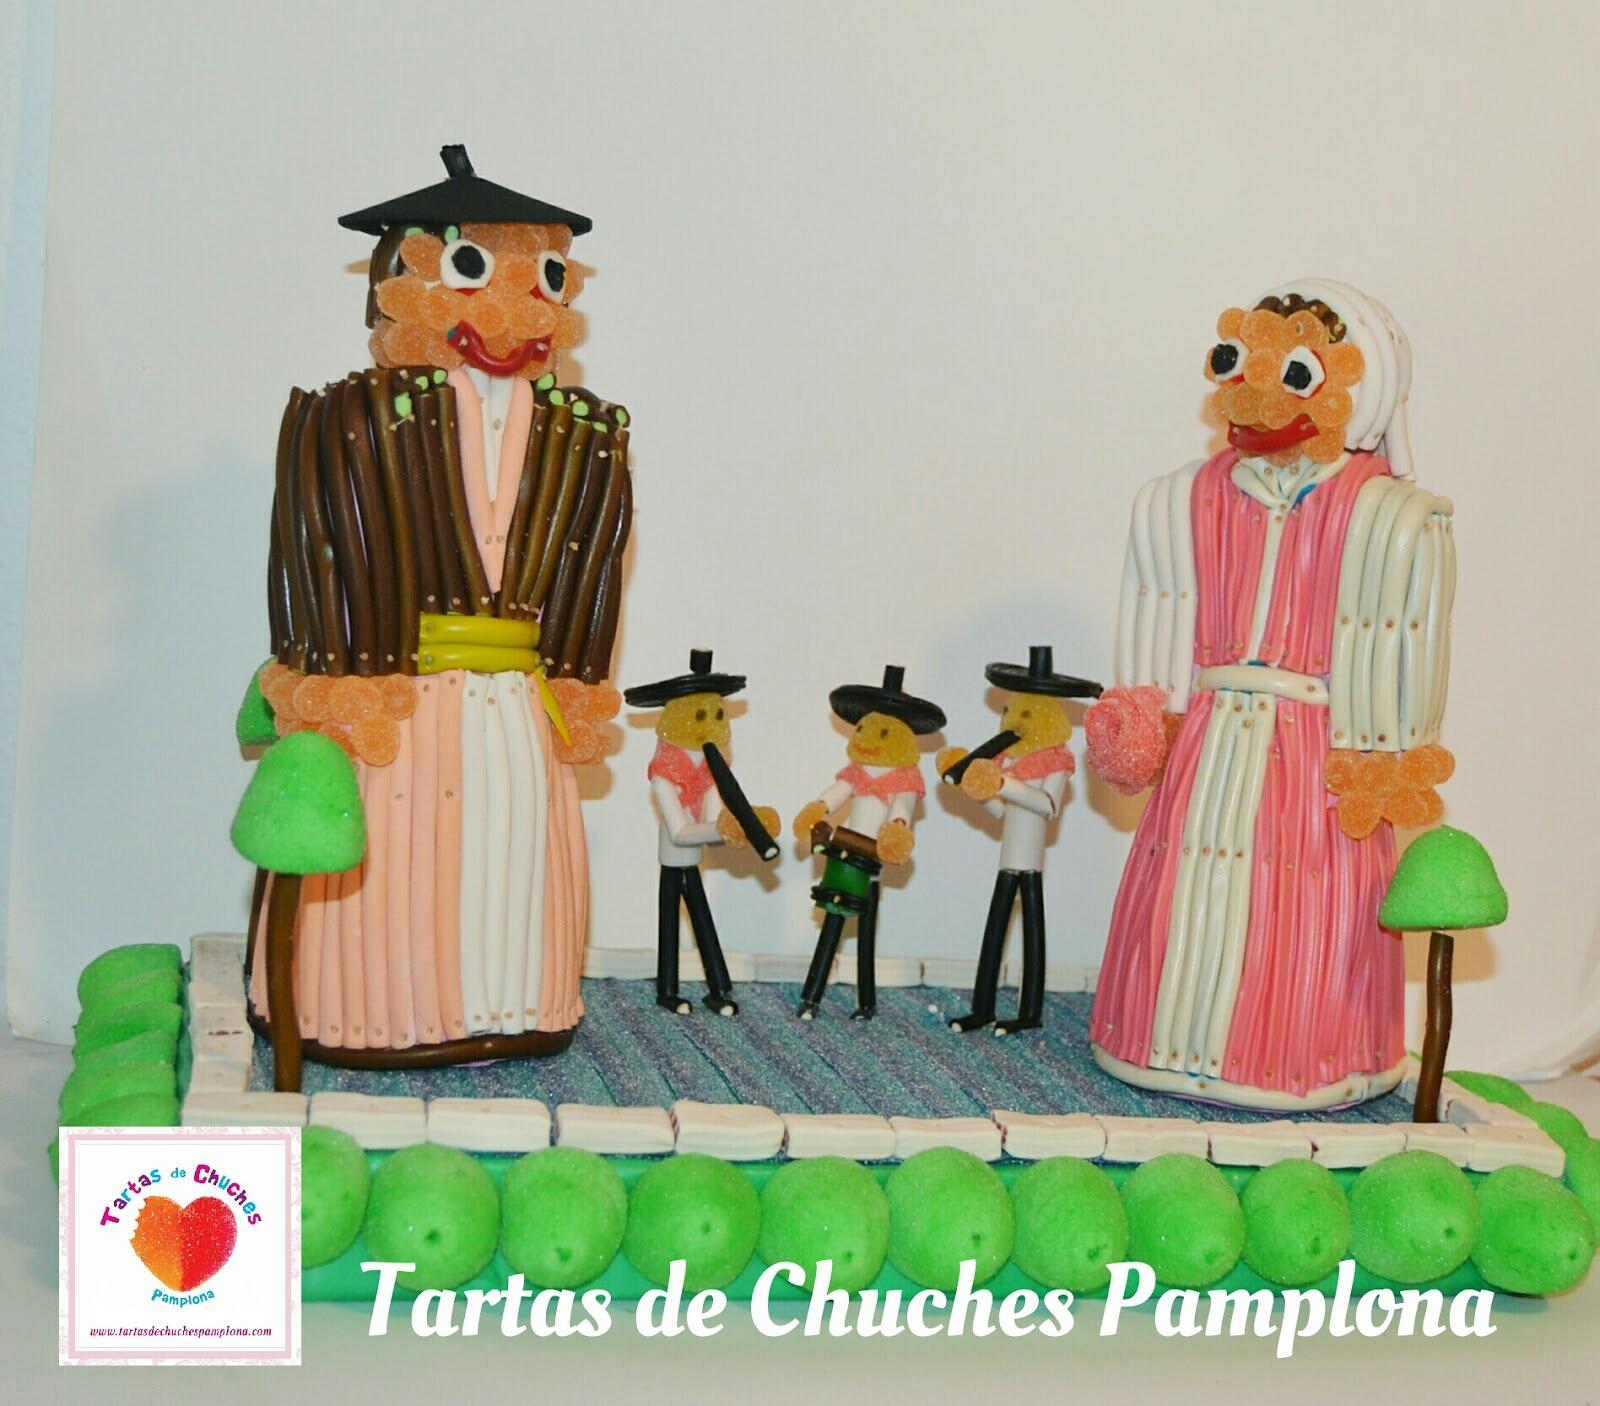 Tartas de Chuches de los Gaiteros Ezpelur y los Gigantes de Barañain